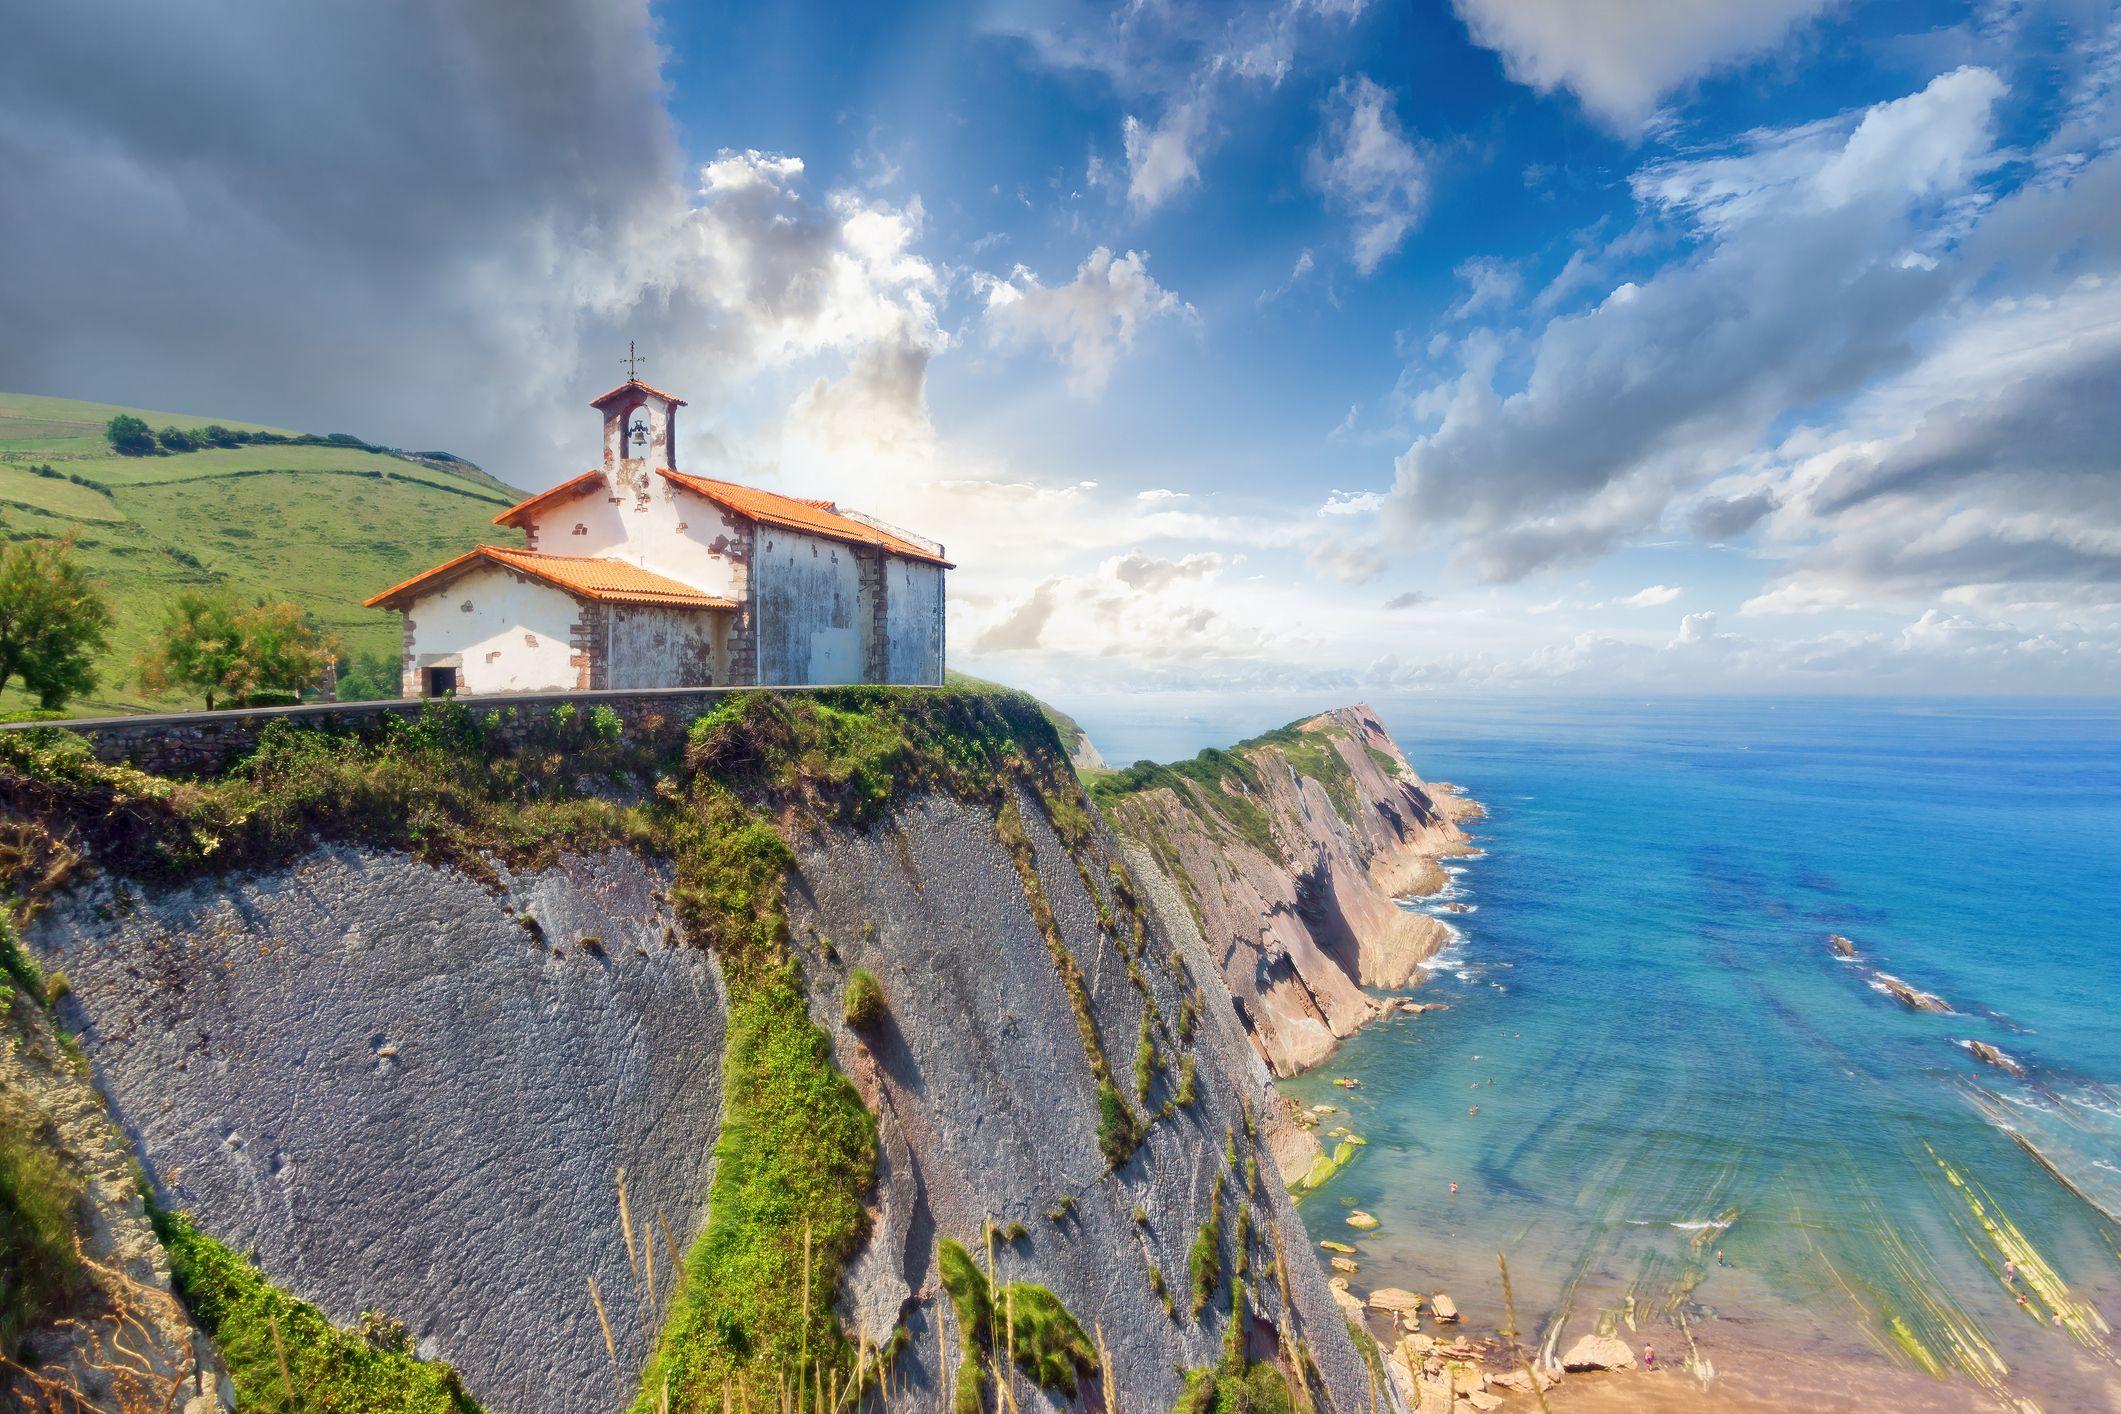 Turismo y digitalización, una combinación perfecta